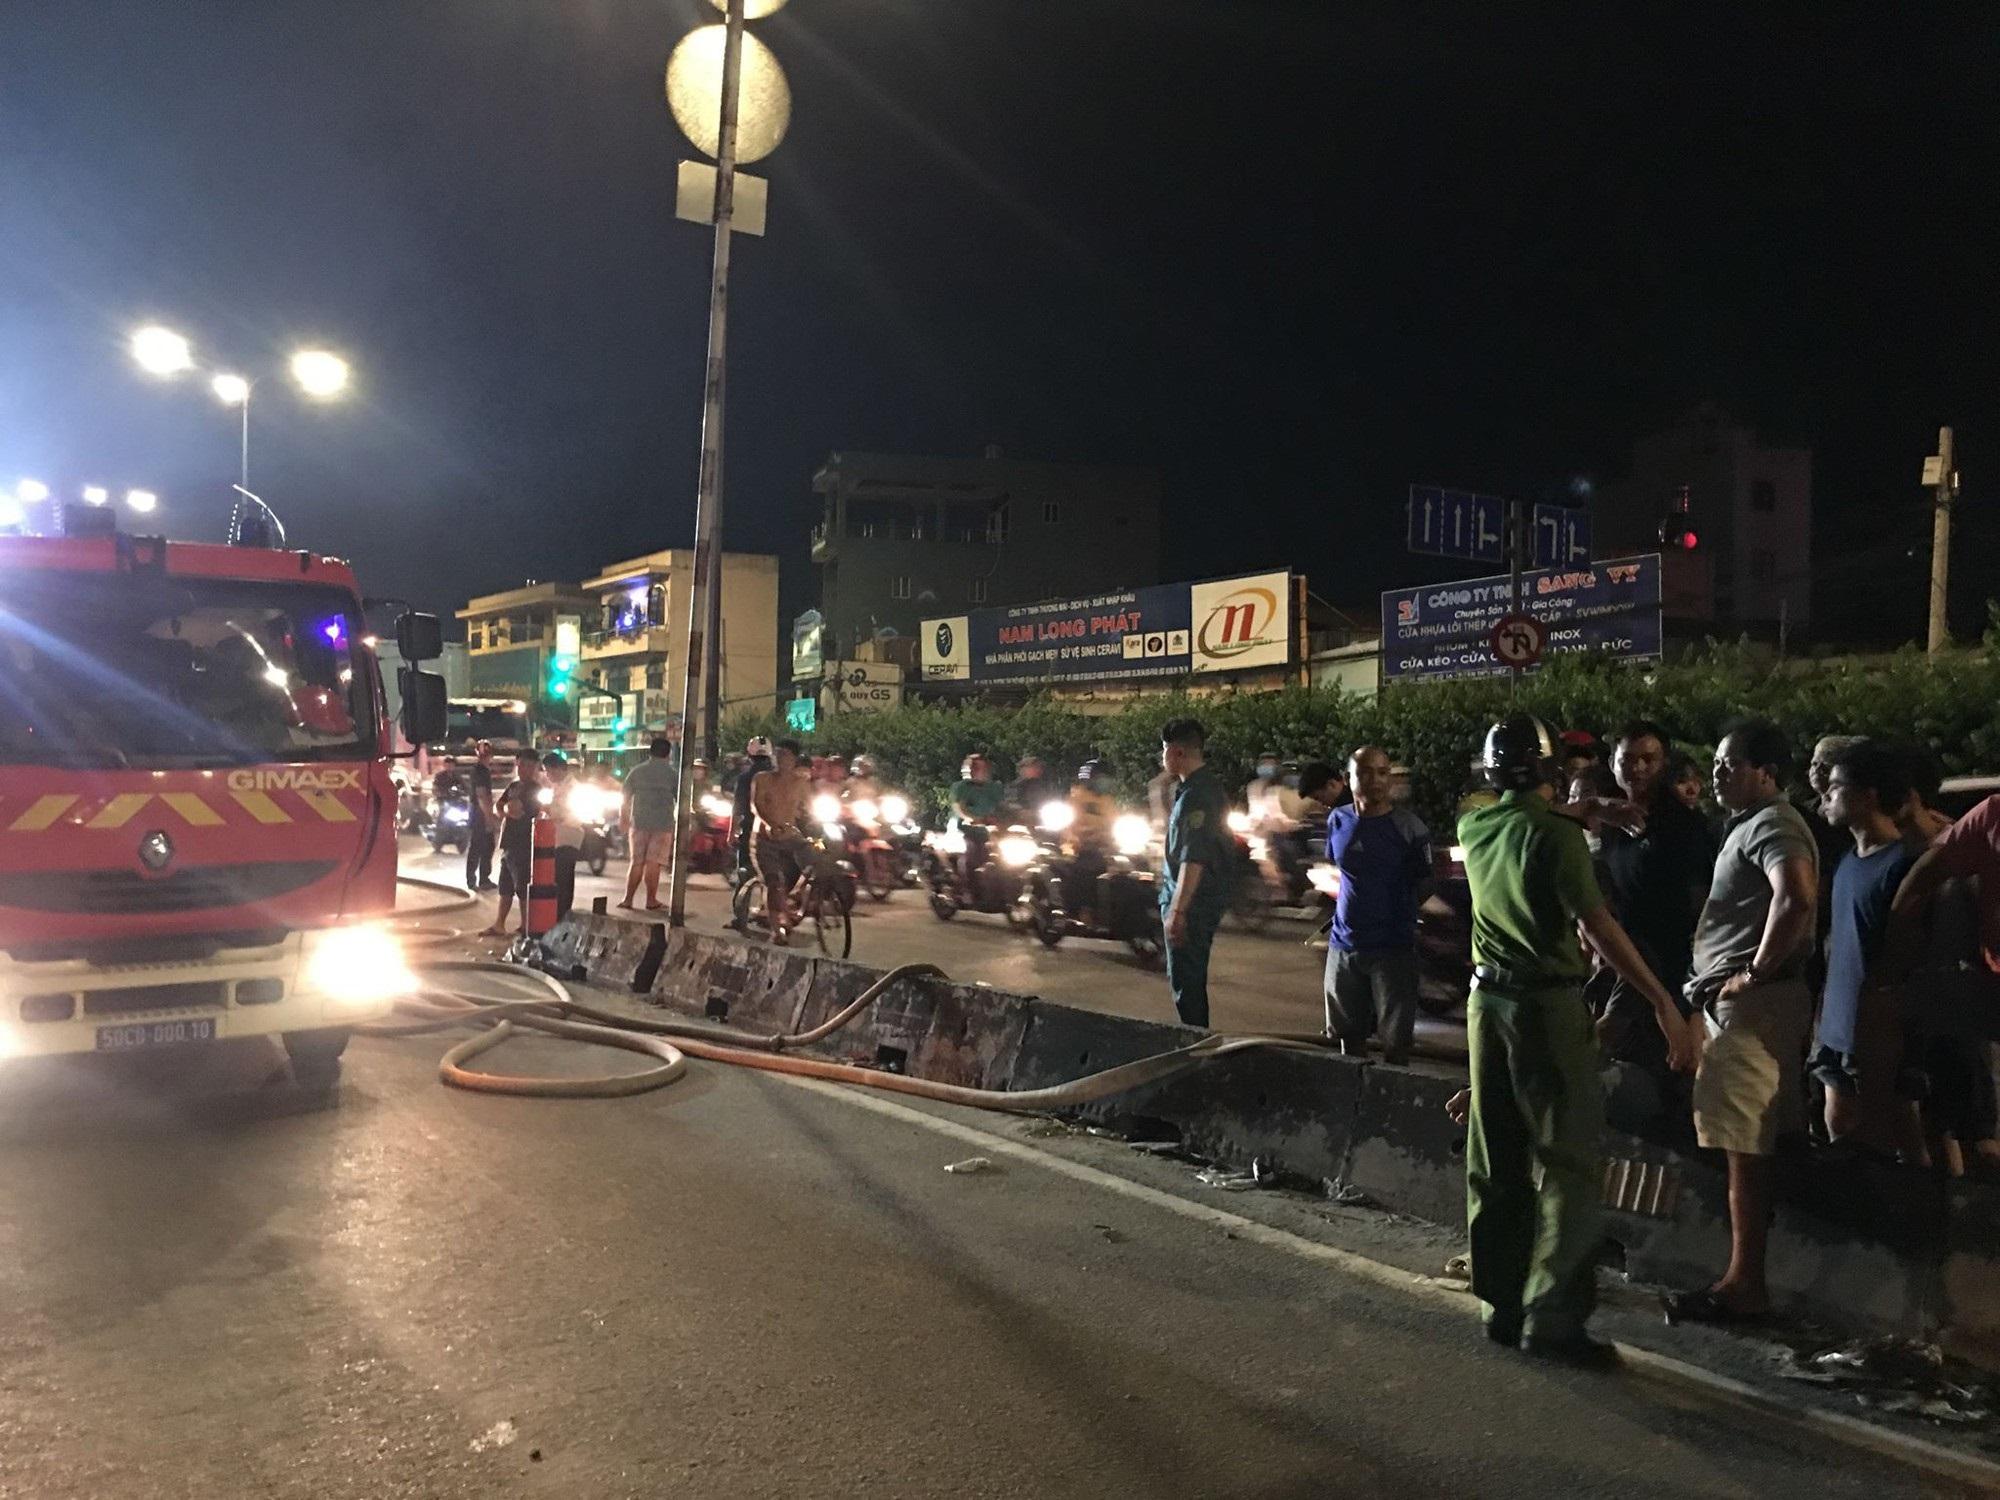 Cháy cửa hàng phụ tùng ô tô ở Sài Gòn, cảnh sát dùng vòi rồng dập lửa tránh cháy lan - Ảnh 3